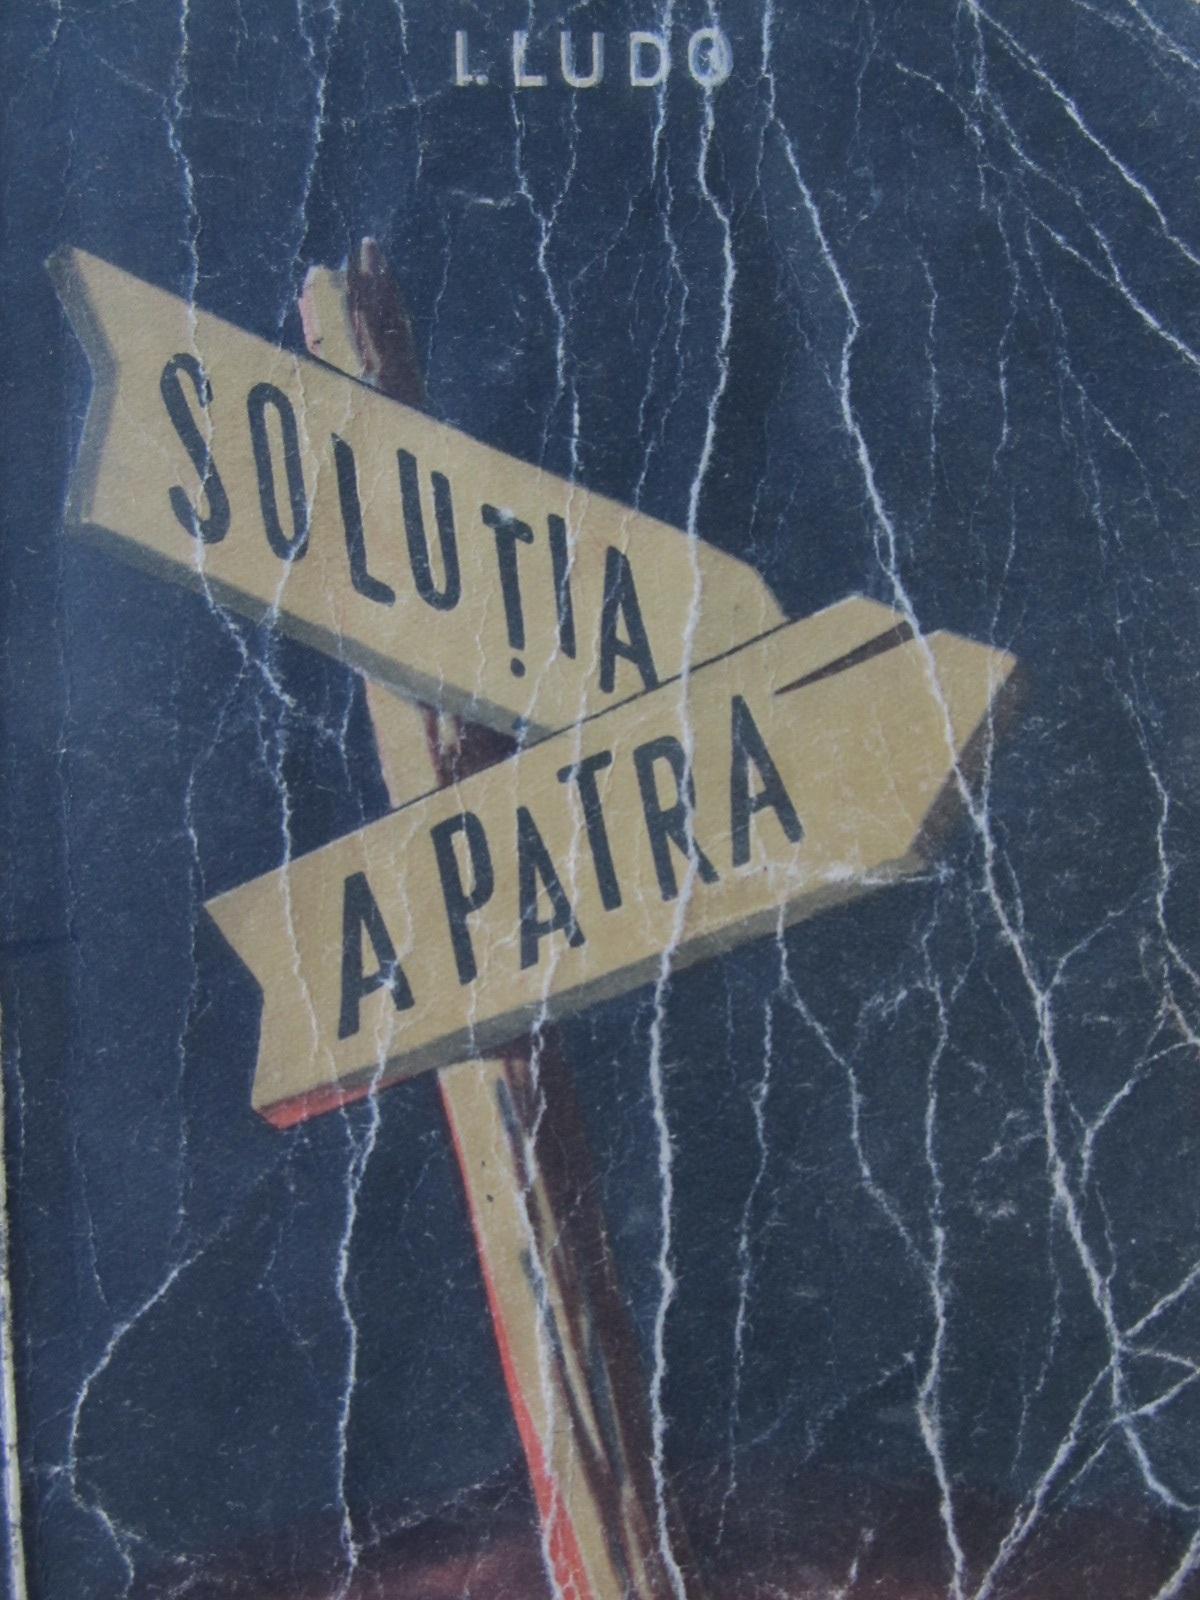 Solutia a patra - I. Ludo | Detalii carte